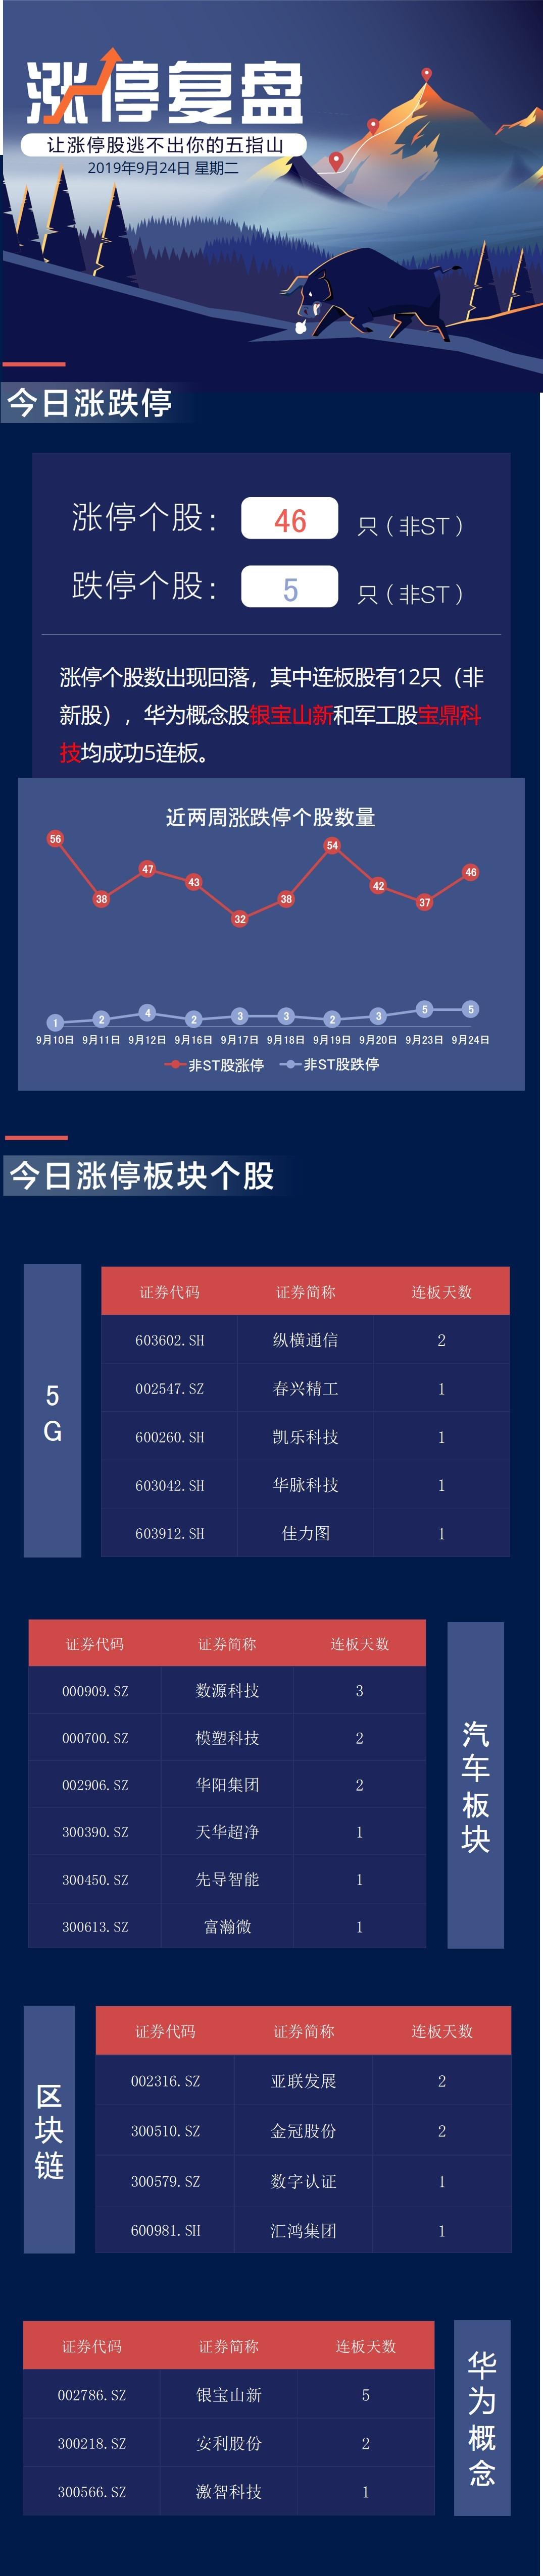 京雄城际北京段试运行 从北京西站可直达大兴机场